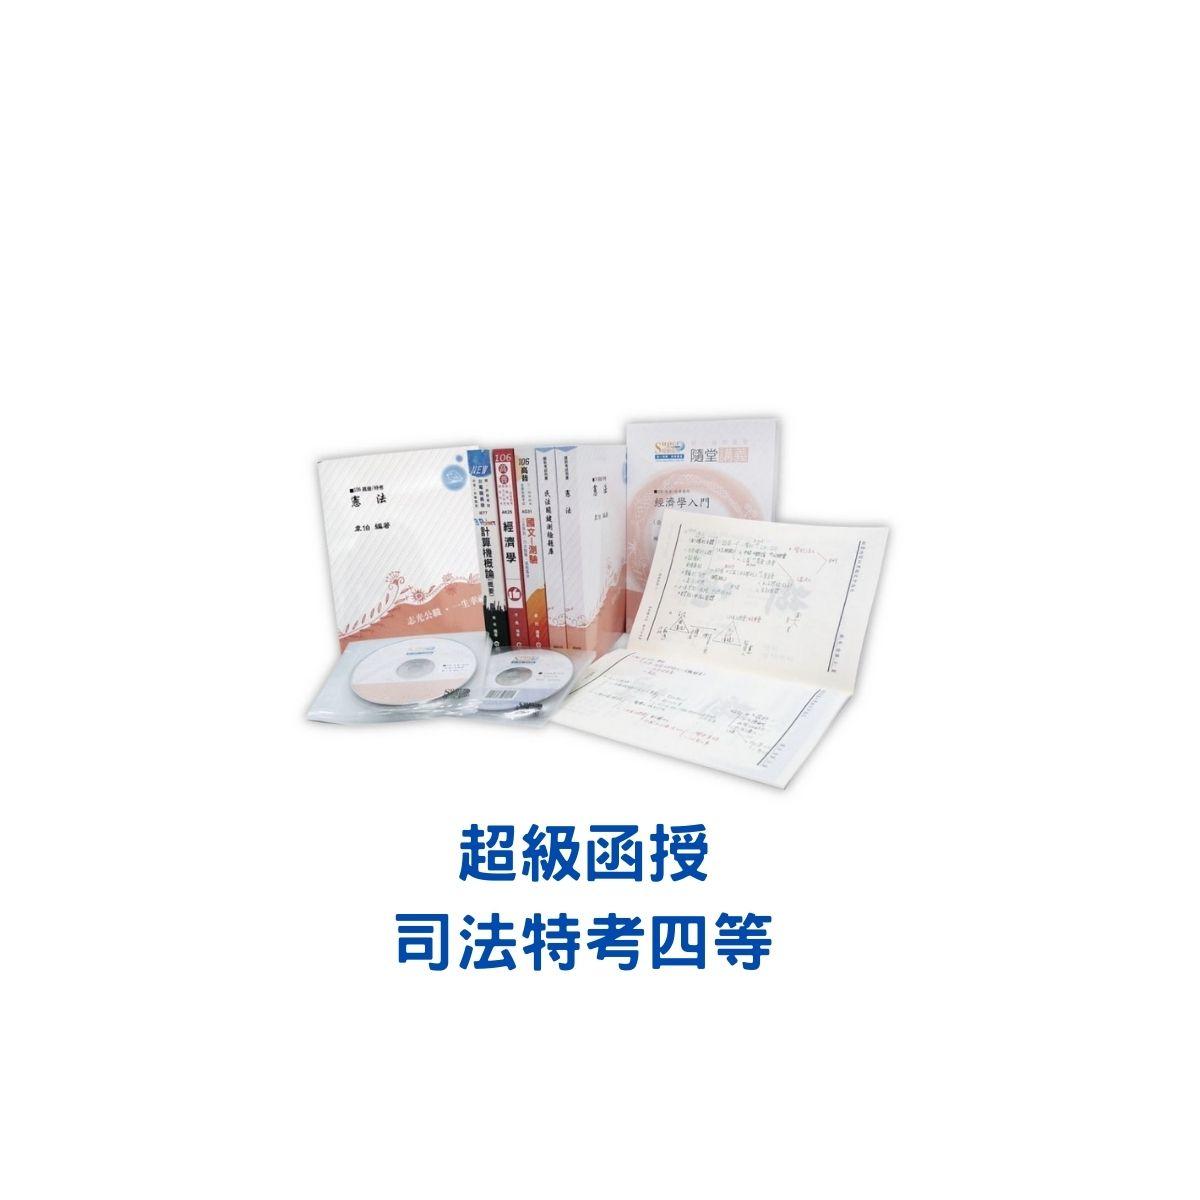 110/超級函授/司法特考-四等/監所管理員/年度班/專業科目/雲端函授